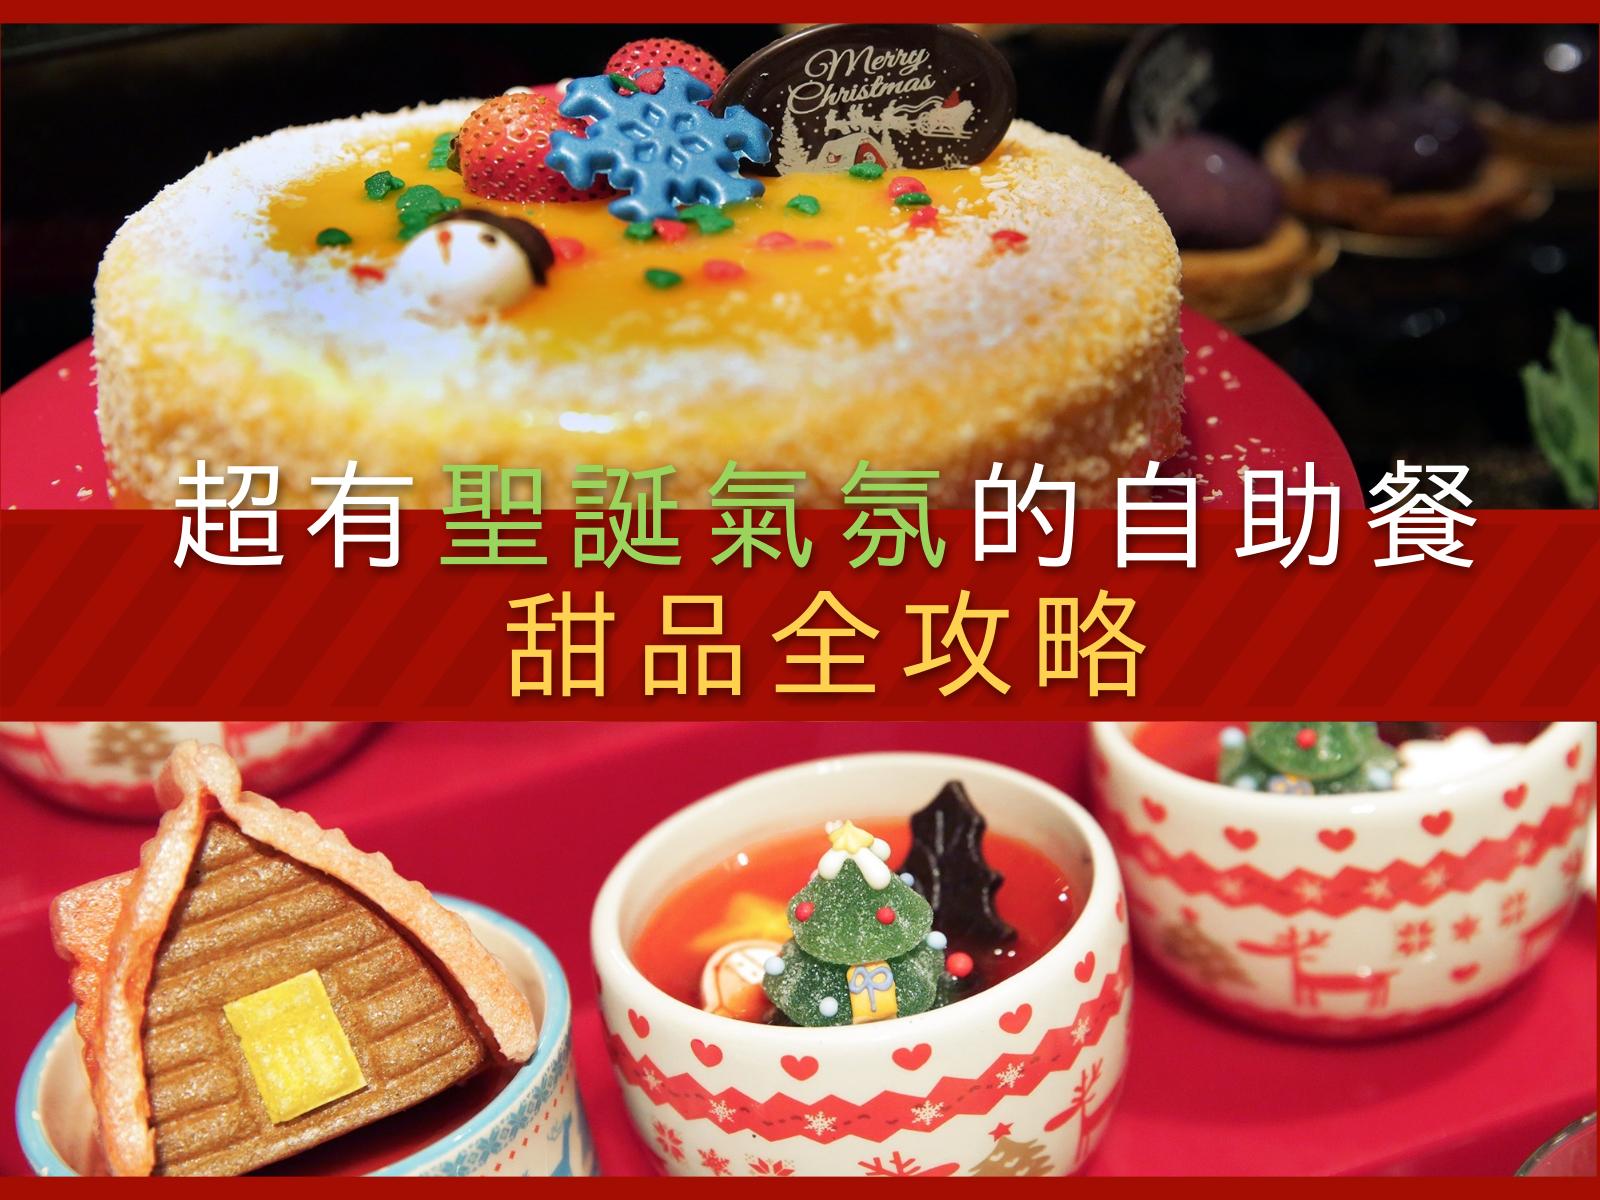 香港聖誕自助餐|城市花園酒店綠茵閣珍寶珠主題Buffet|甜品全攻略 | 安娜愛閒遊